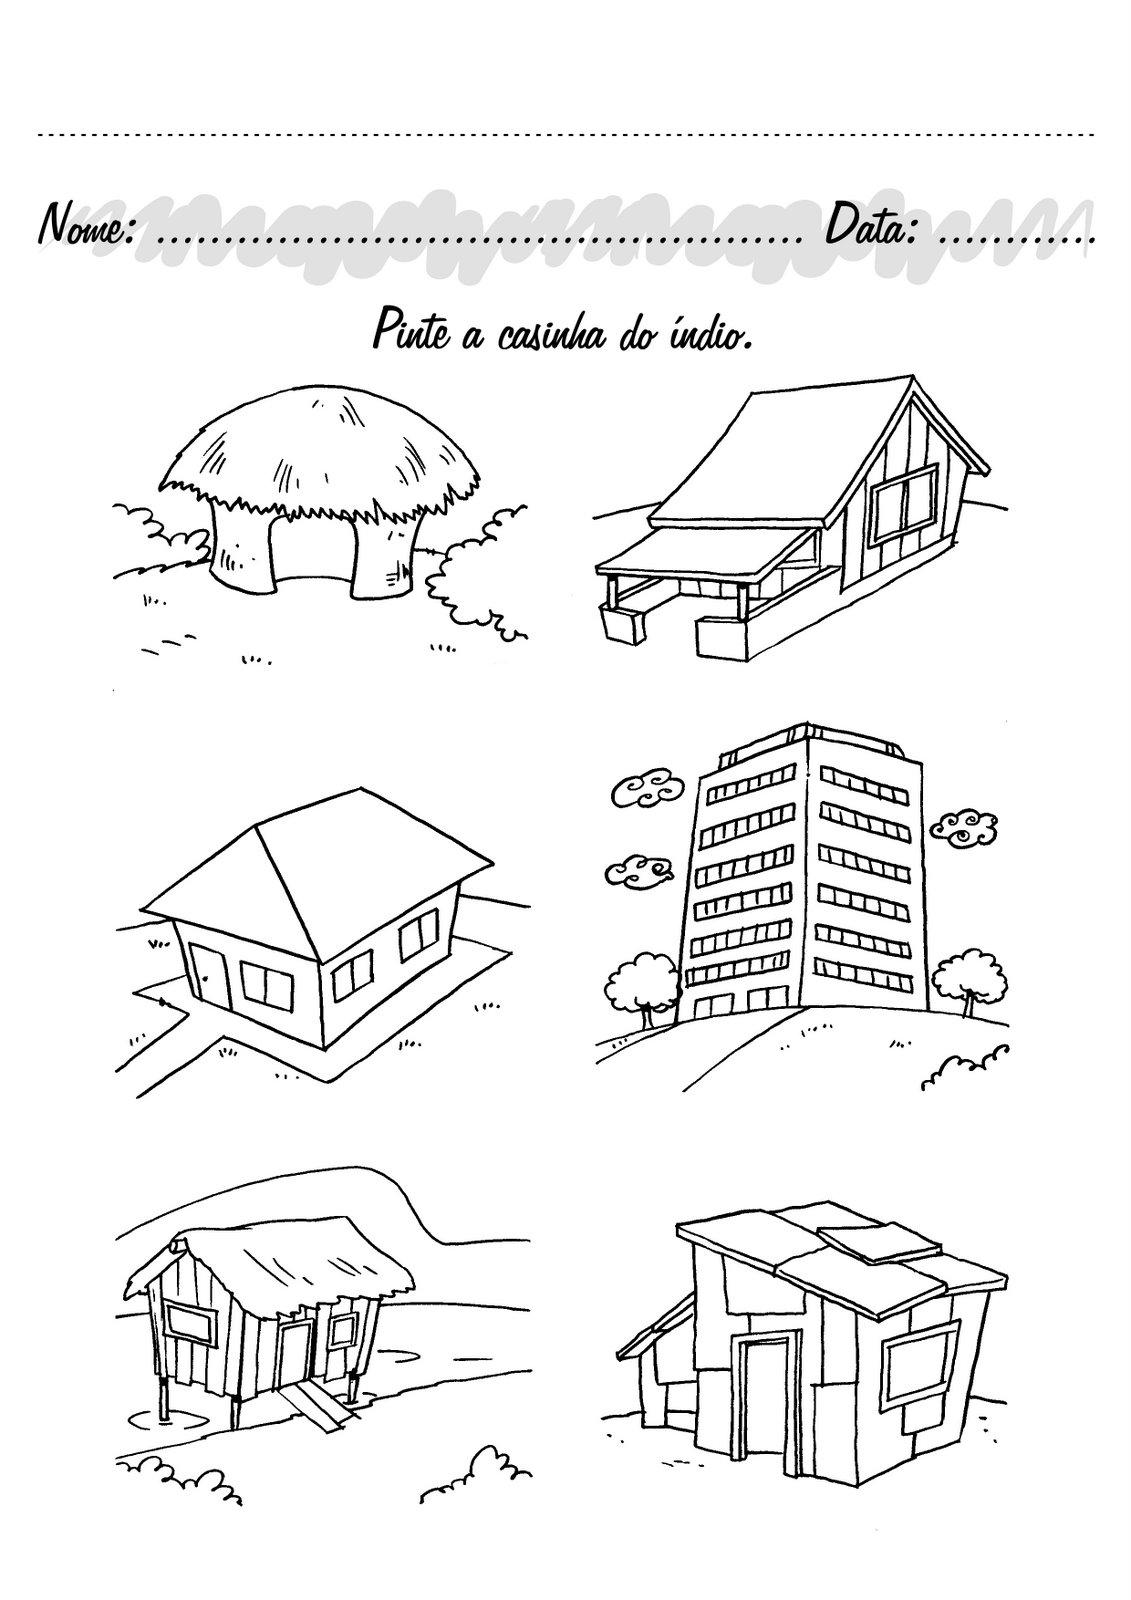 atividades para pr u00e9-escolar-parte 3